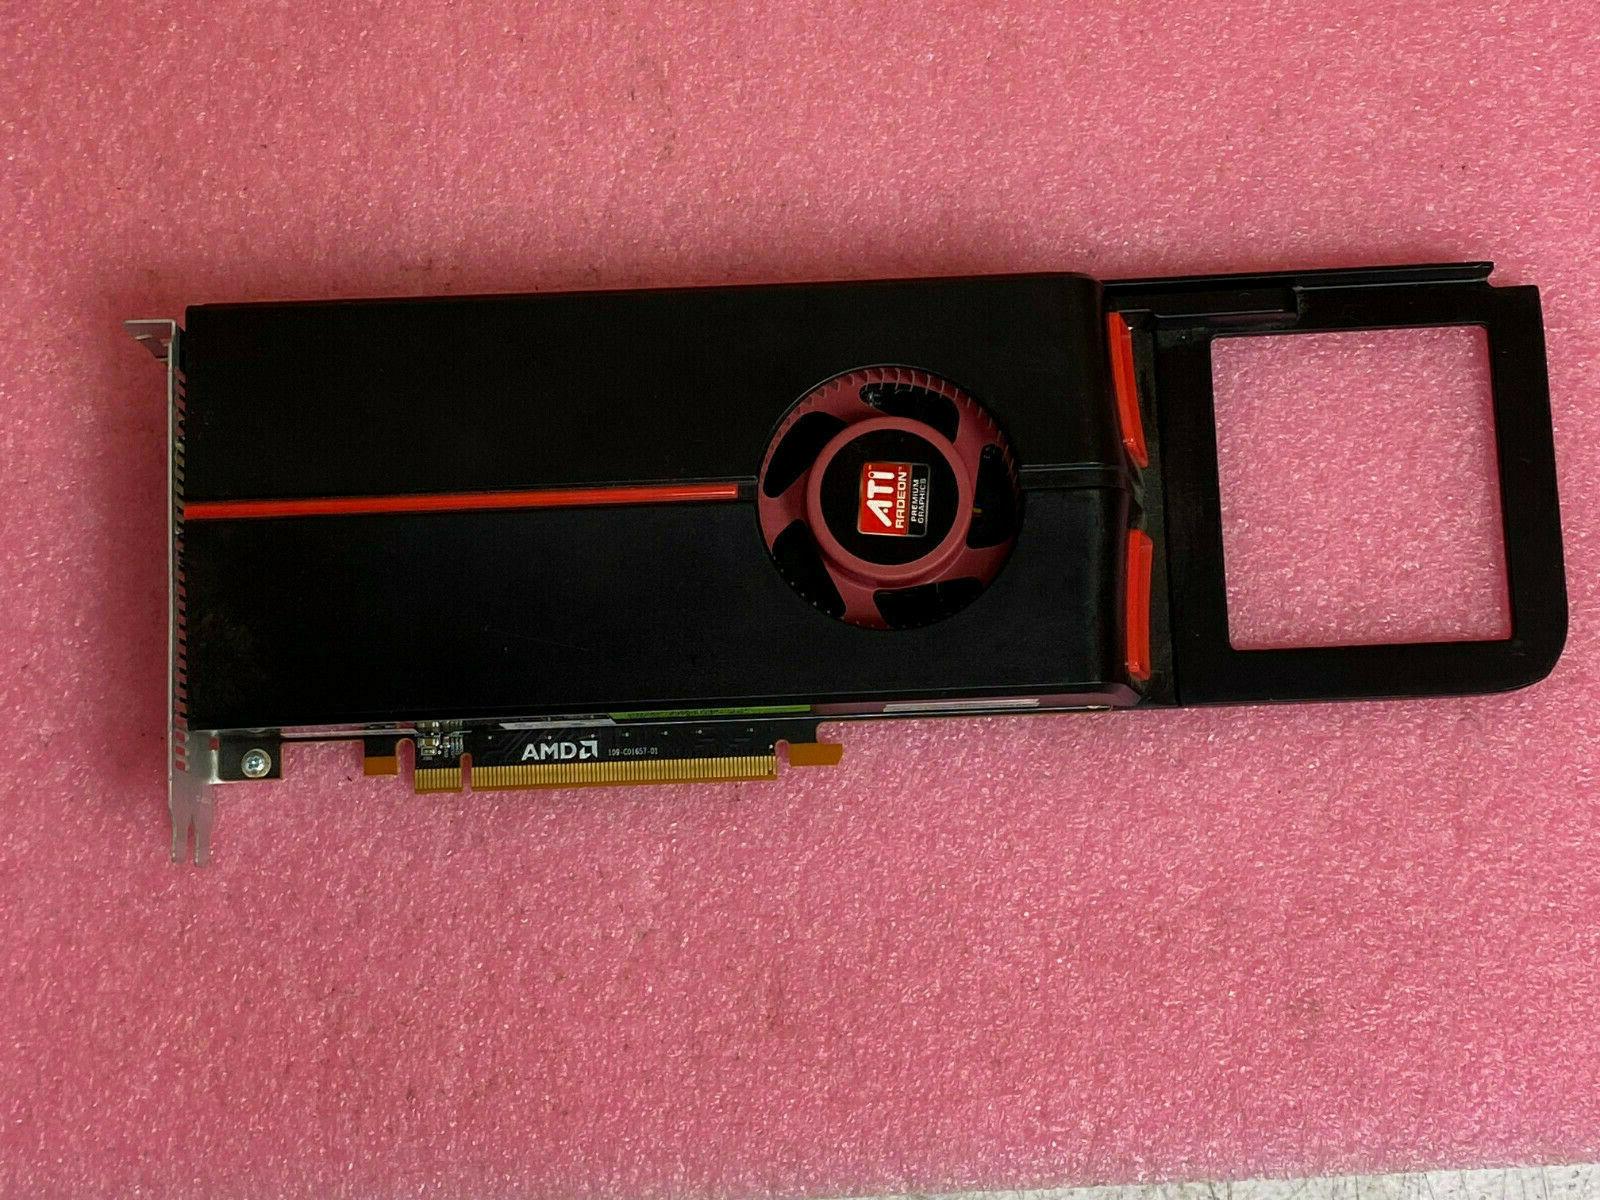 AMD Video Card ATI Radeon HD 5770 1GB P/N 102C0160300 FOR APPLE A1289